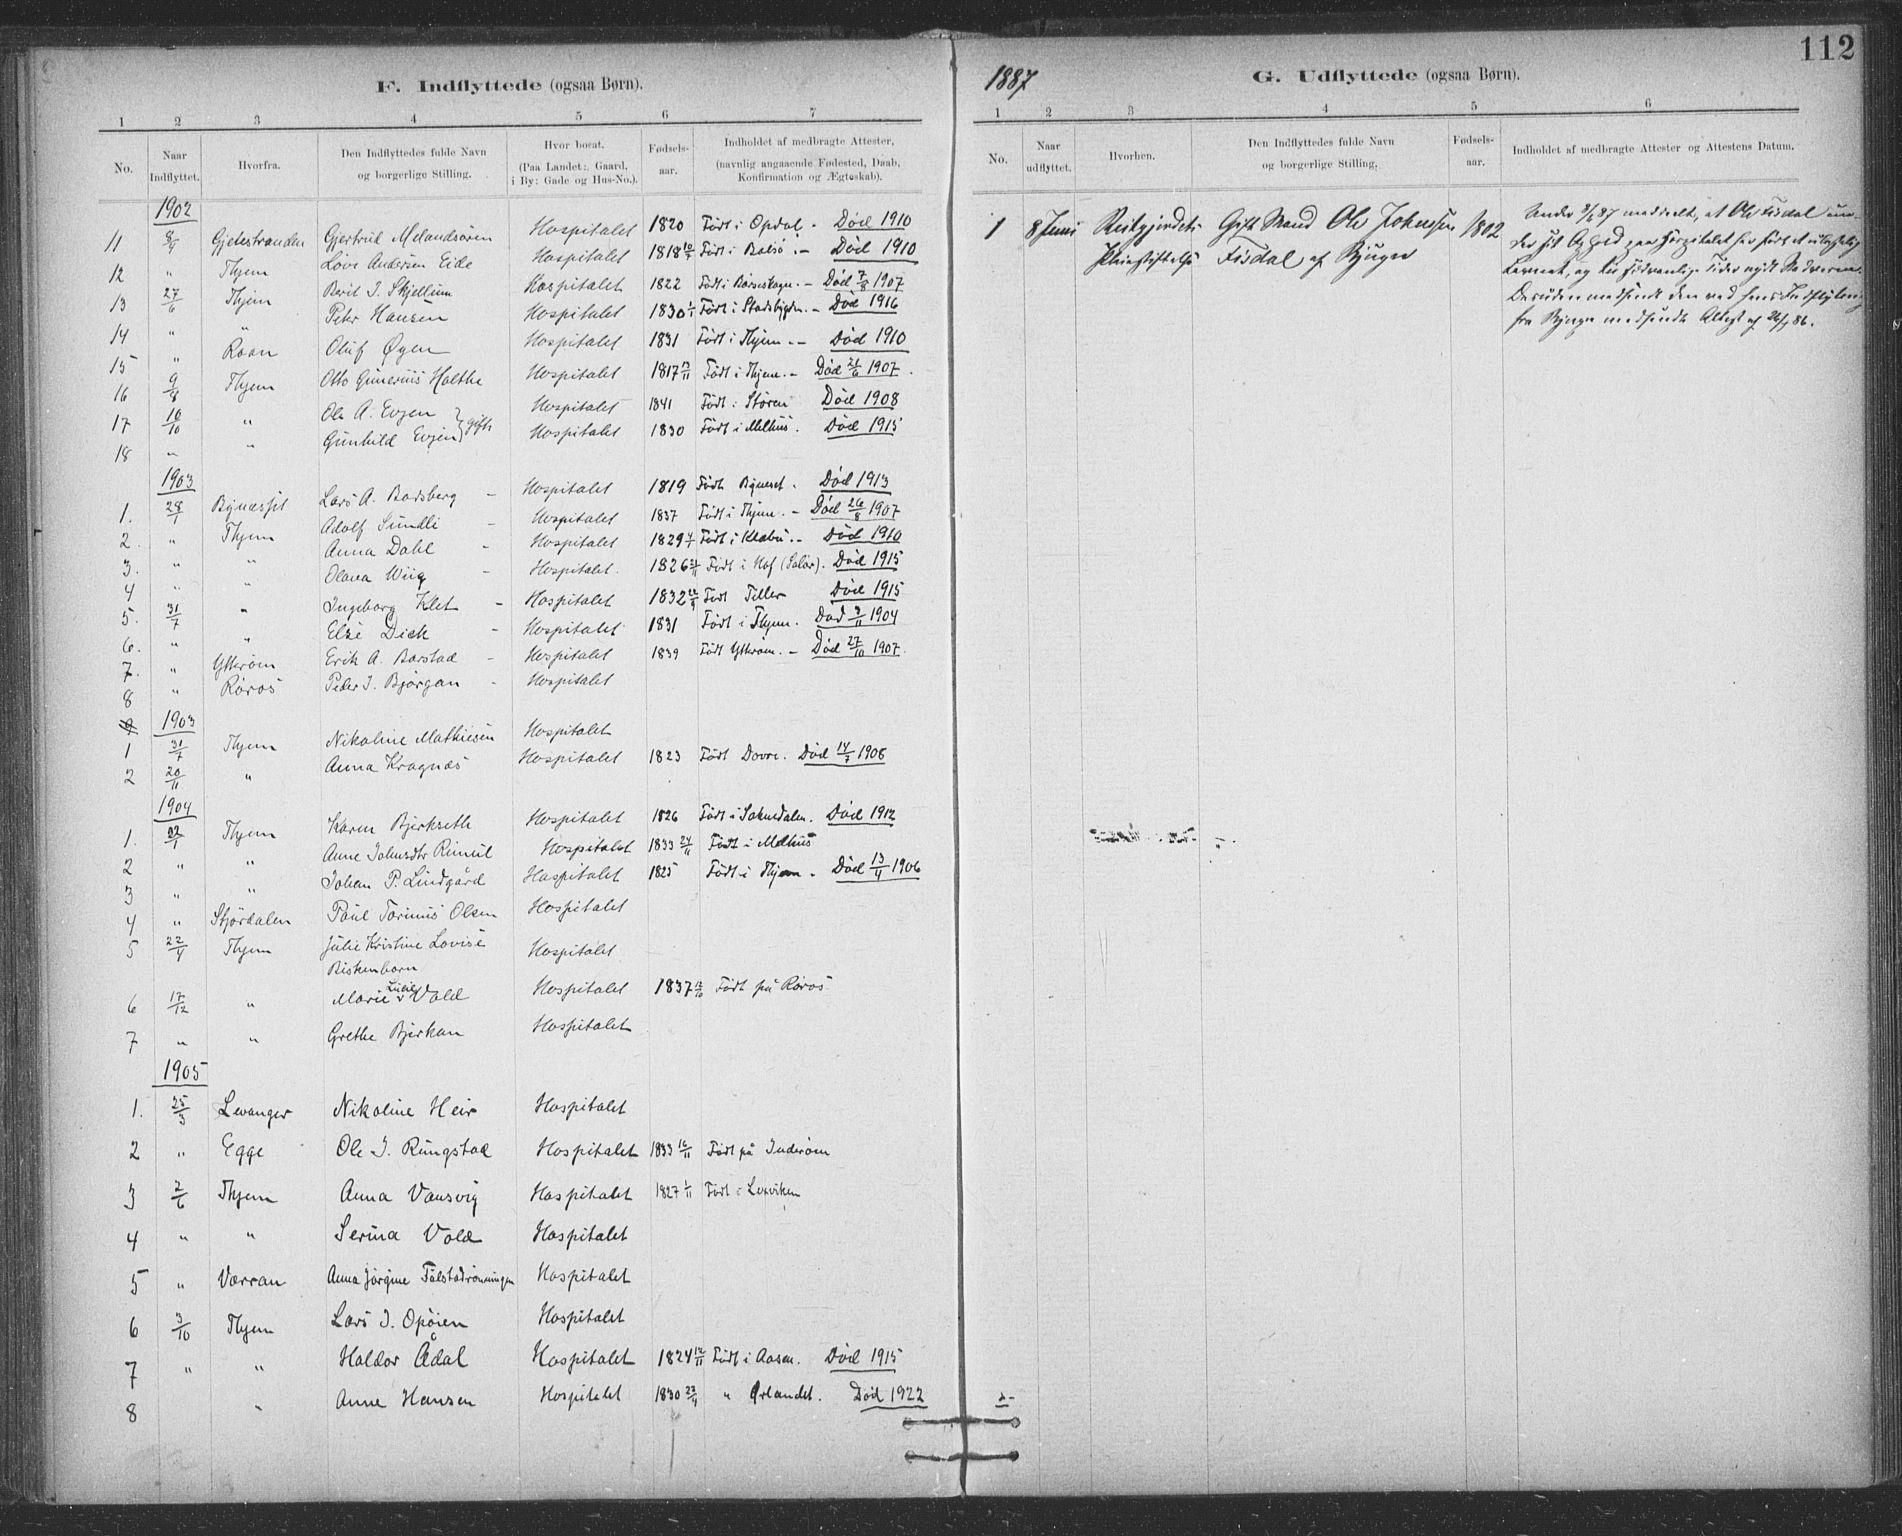 SAT, Ministerialprotokoller, klokkerbøker og fødselsregistre - Sør-Trøndelag, 623/L0470: Ministerialbok nr. 623A04, 1884-1938, s. 112